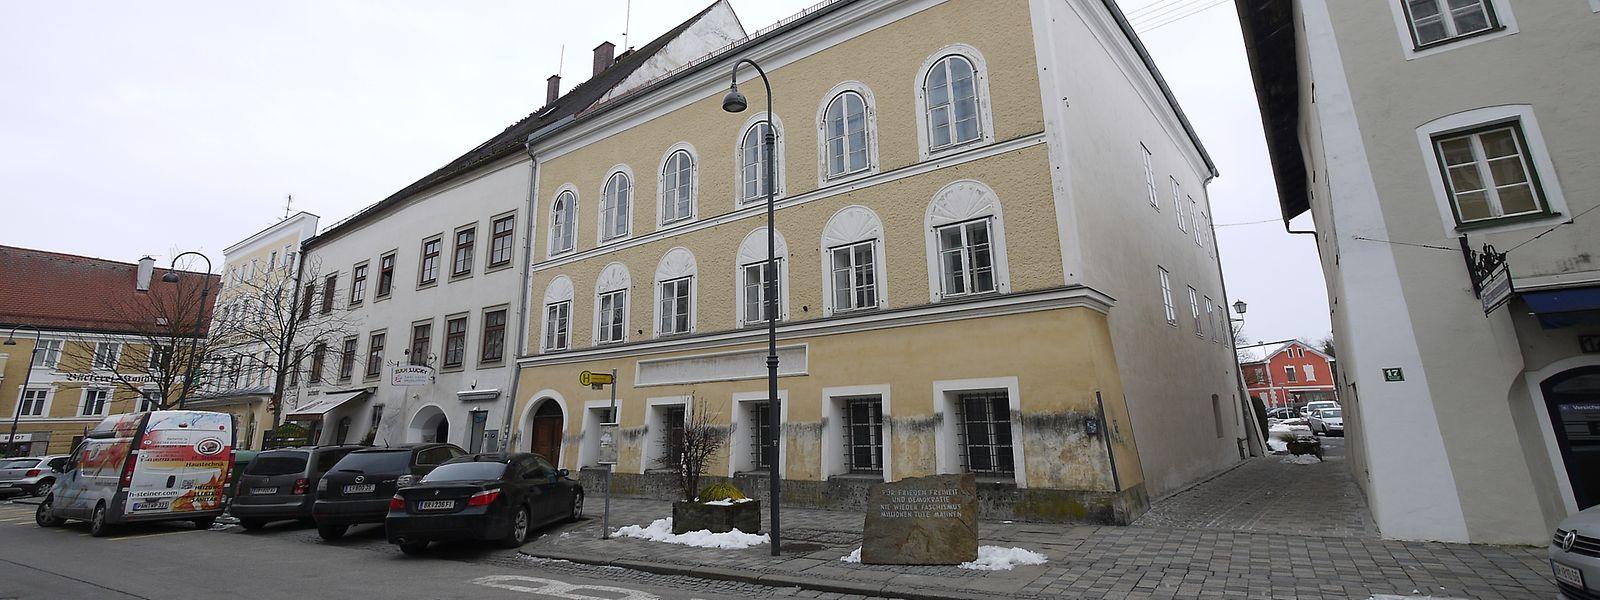 Das Geburtshaus von Adolf Hitler (M).